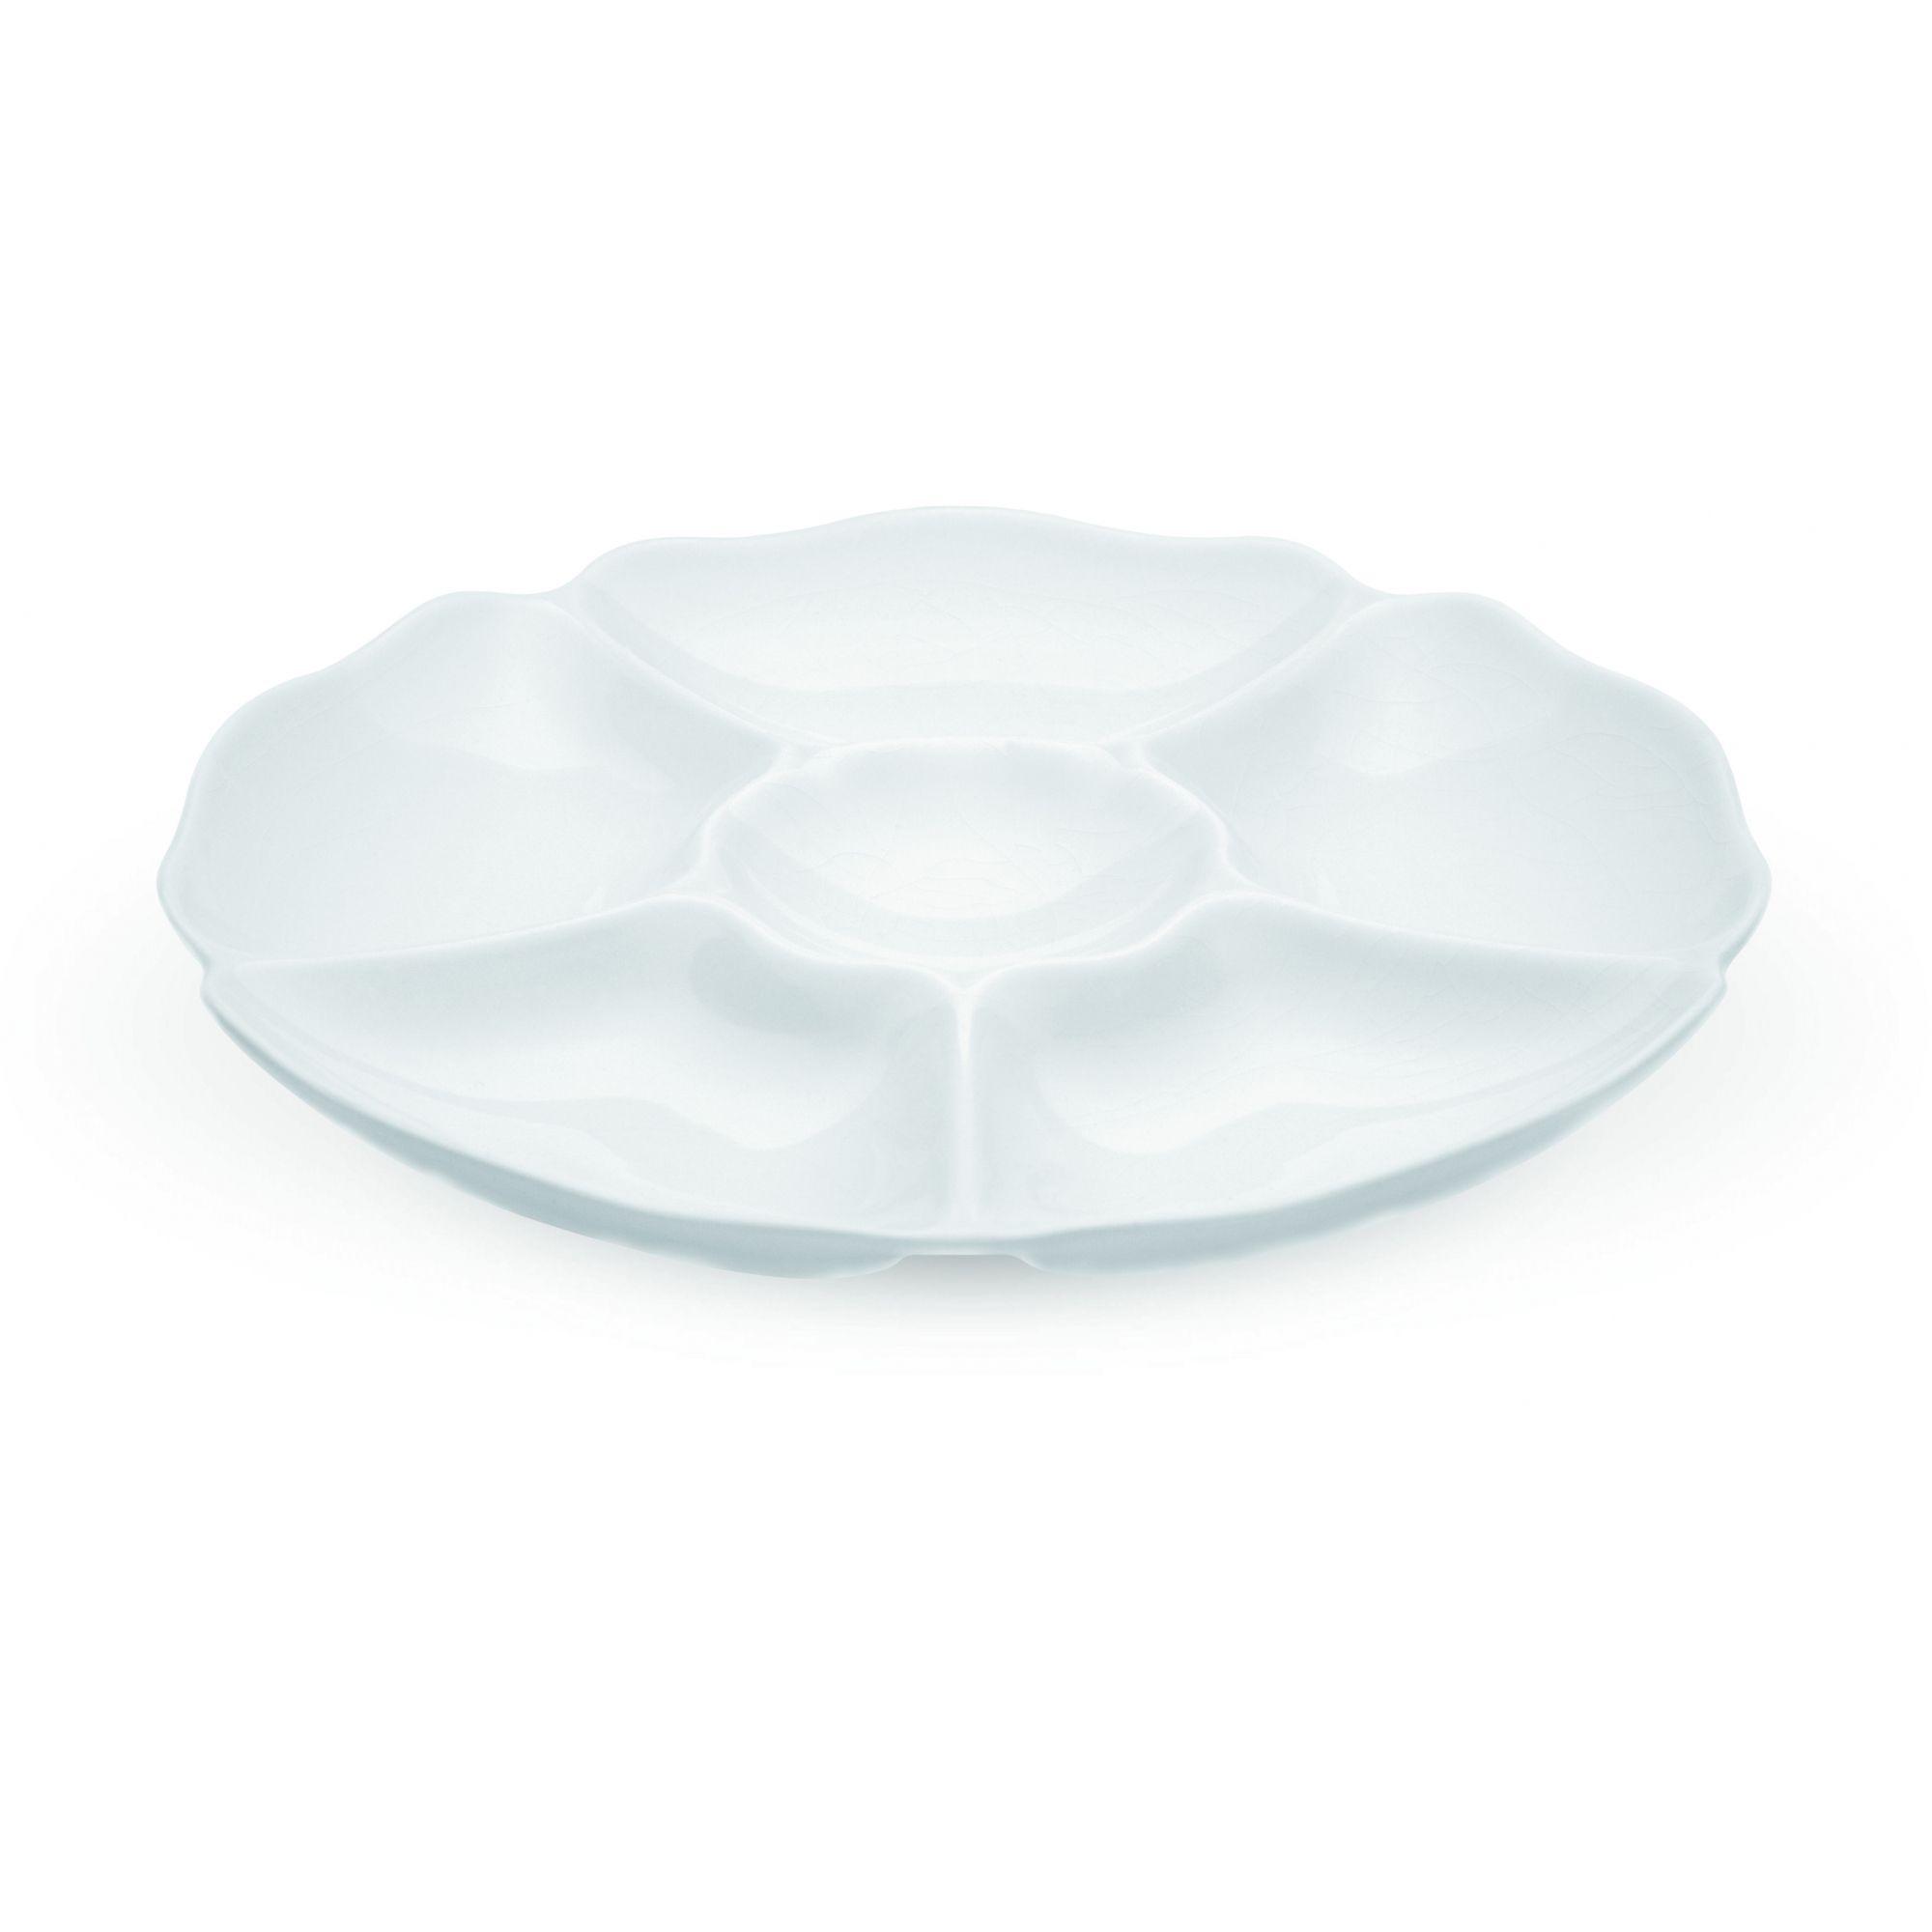 Petisqueira 30 cm 6 Divisões Branca